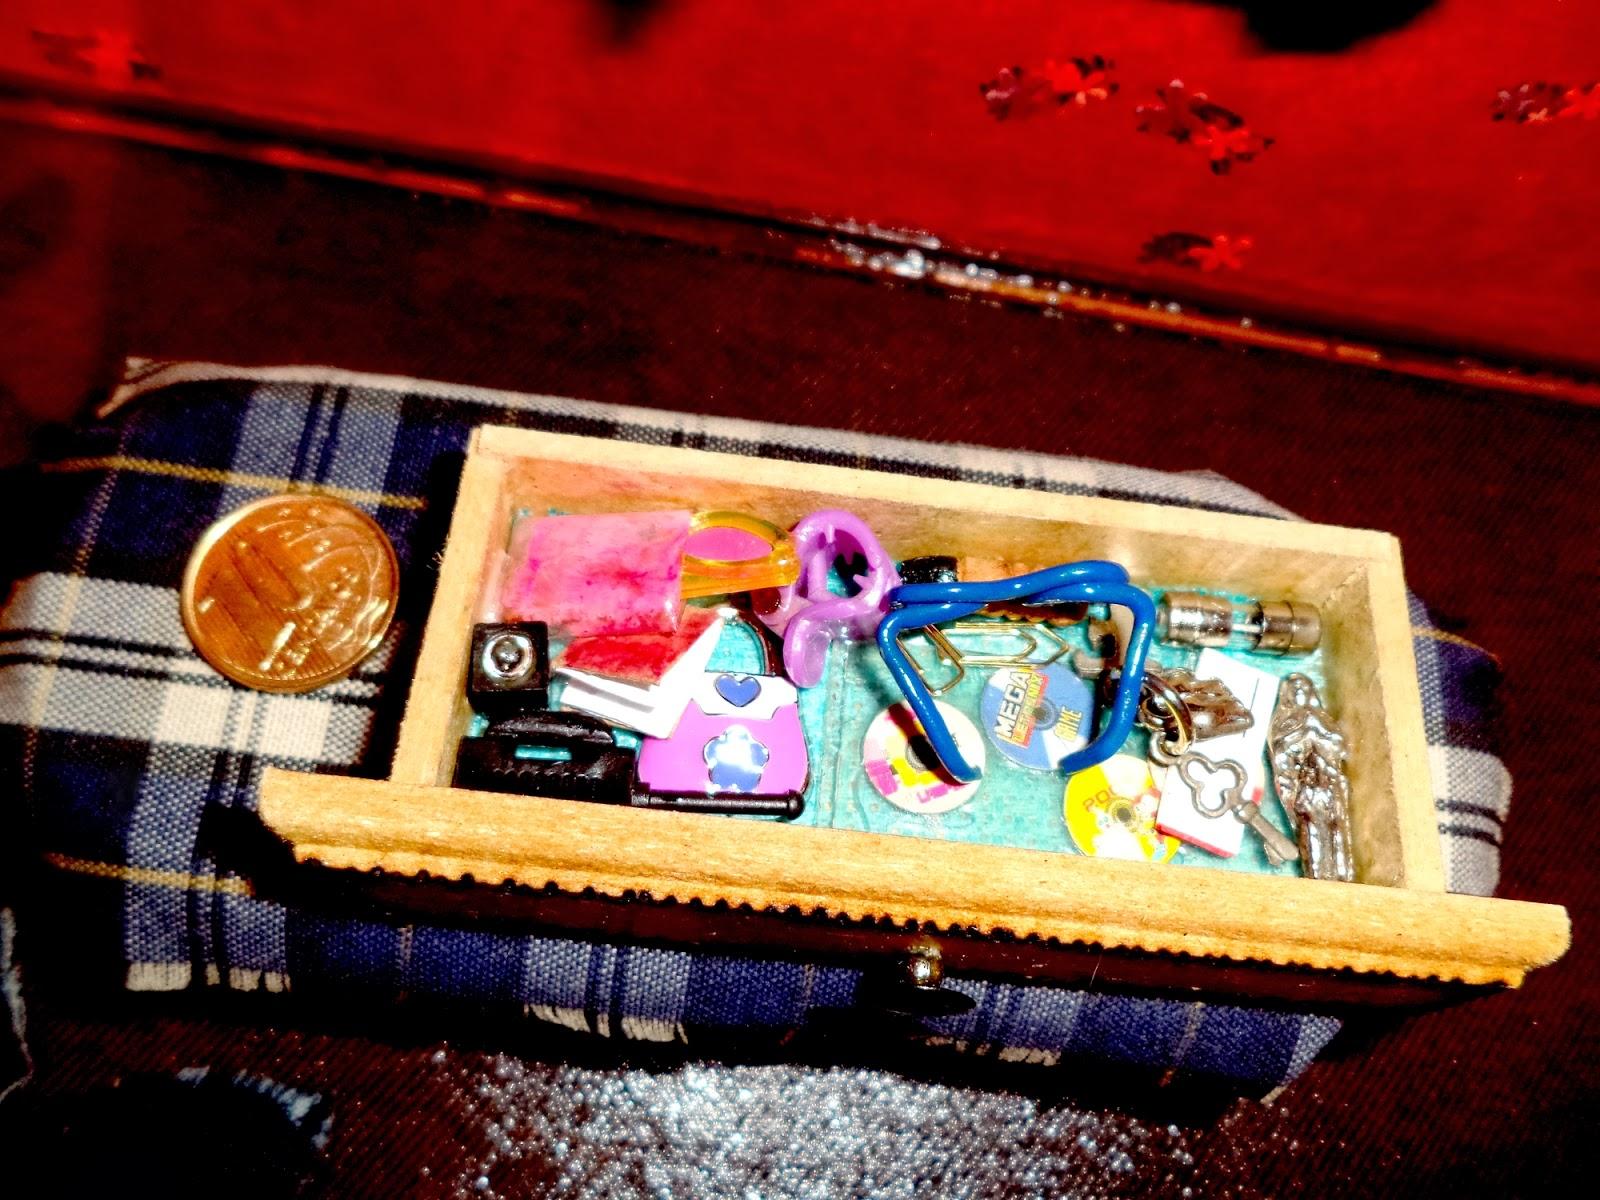 Artesanato e Miniaturas: Acessórios e Utensílios Miniatura em Escala  #BB0604 1600x1200